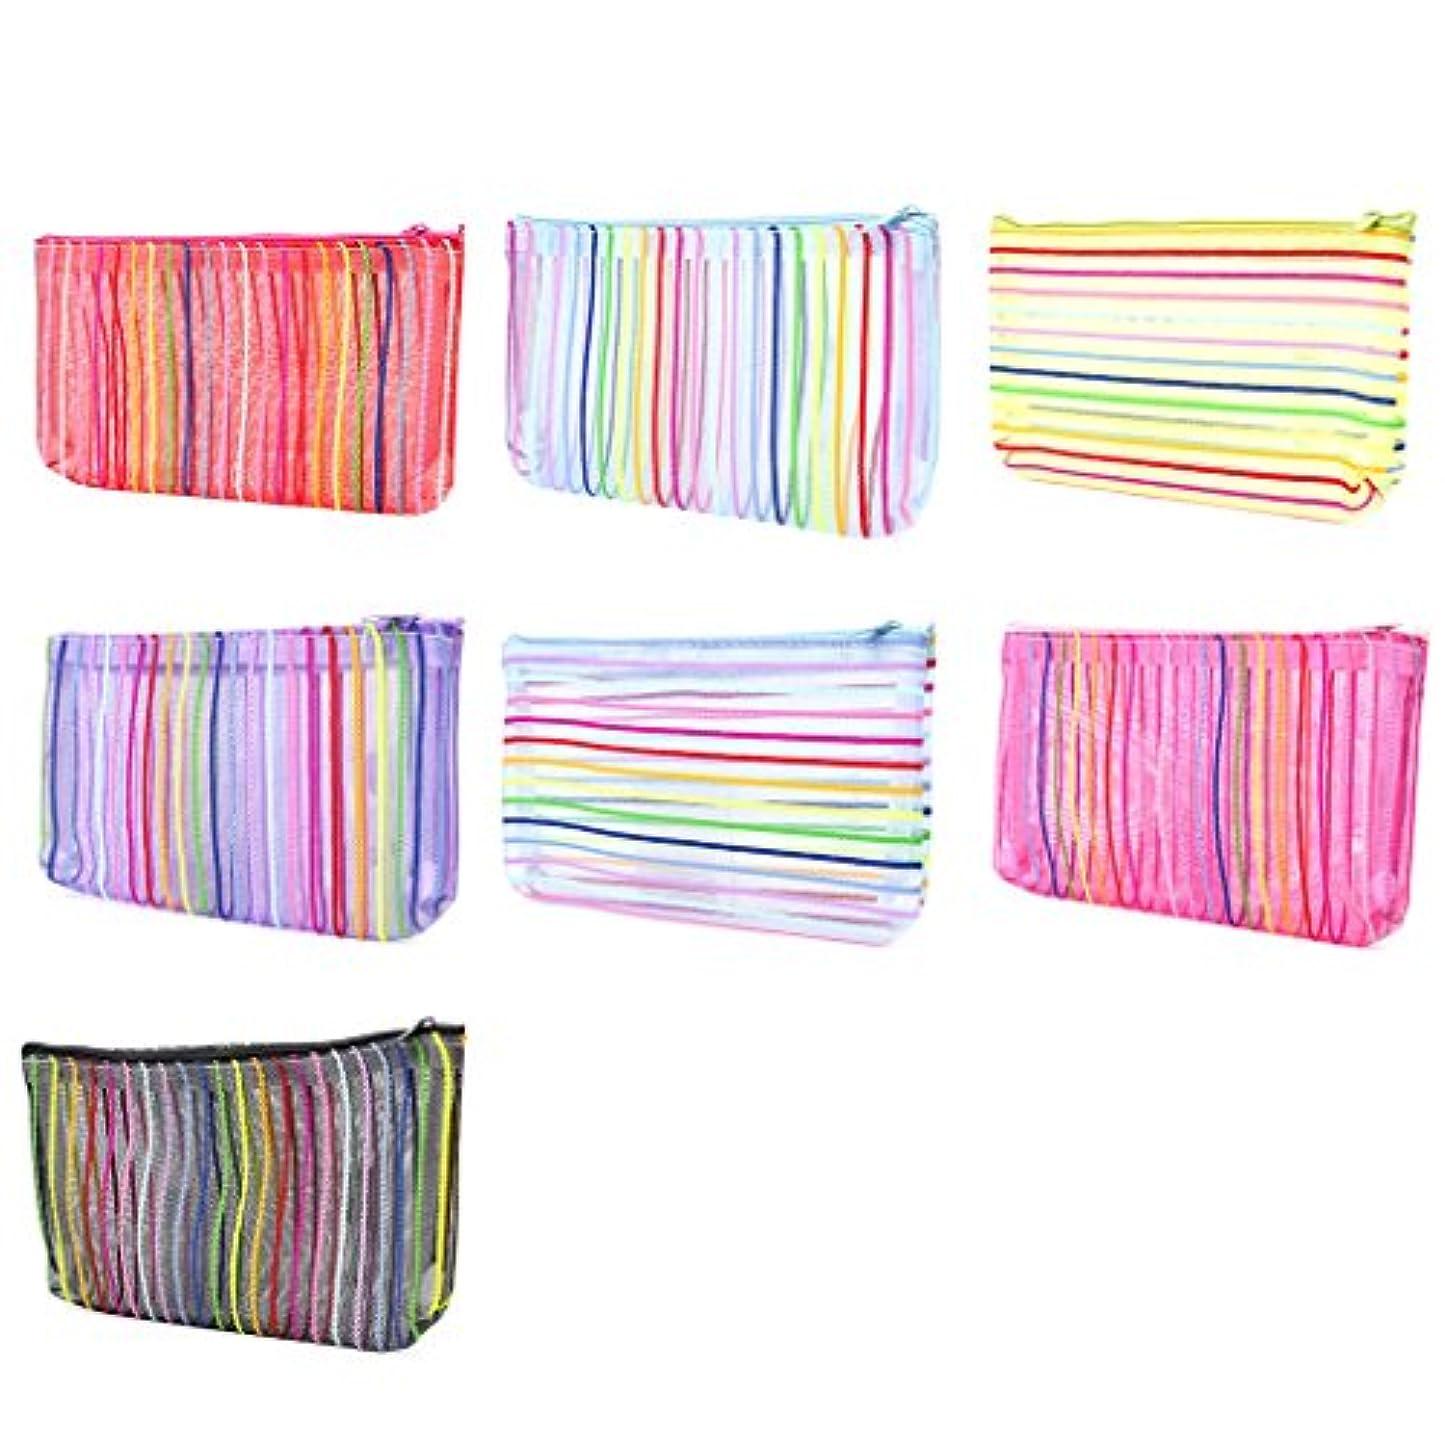 オールクリック保険SimpleLife Rainbow化粧品バッグ/ナイロンメッシュ化粧ケース/トラベルトイレタリーポーチオーガナイザーバッグ(ジッパー付き)(ランダムカラー)